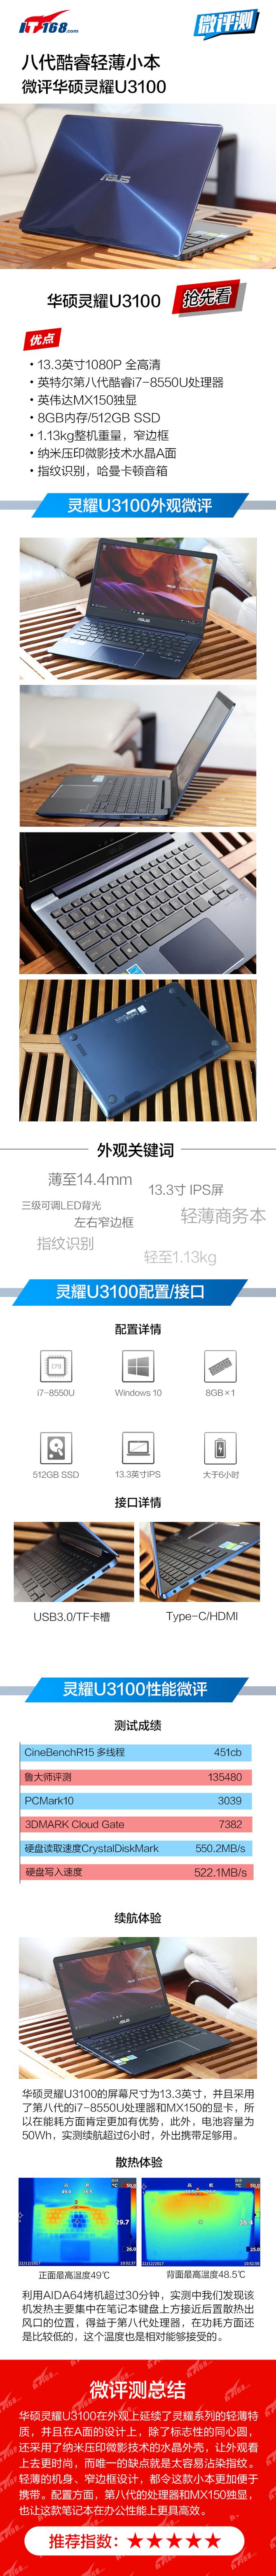 8代酷睿+独显 微评华硕灵耀U3100轻薄本